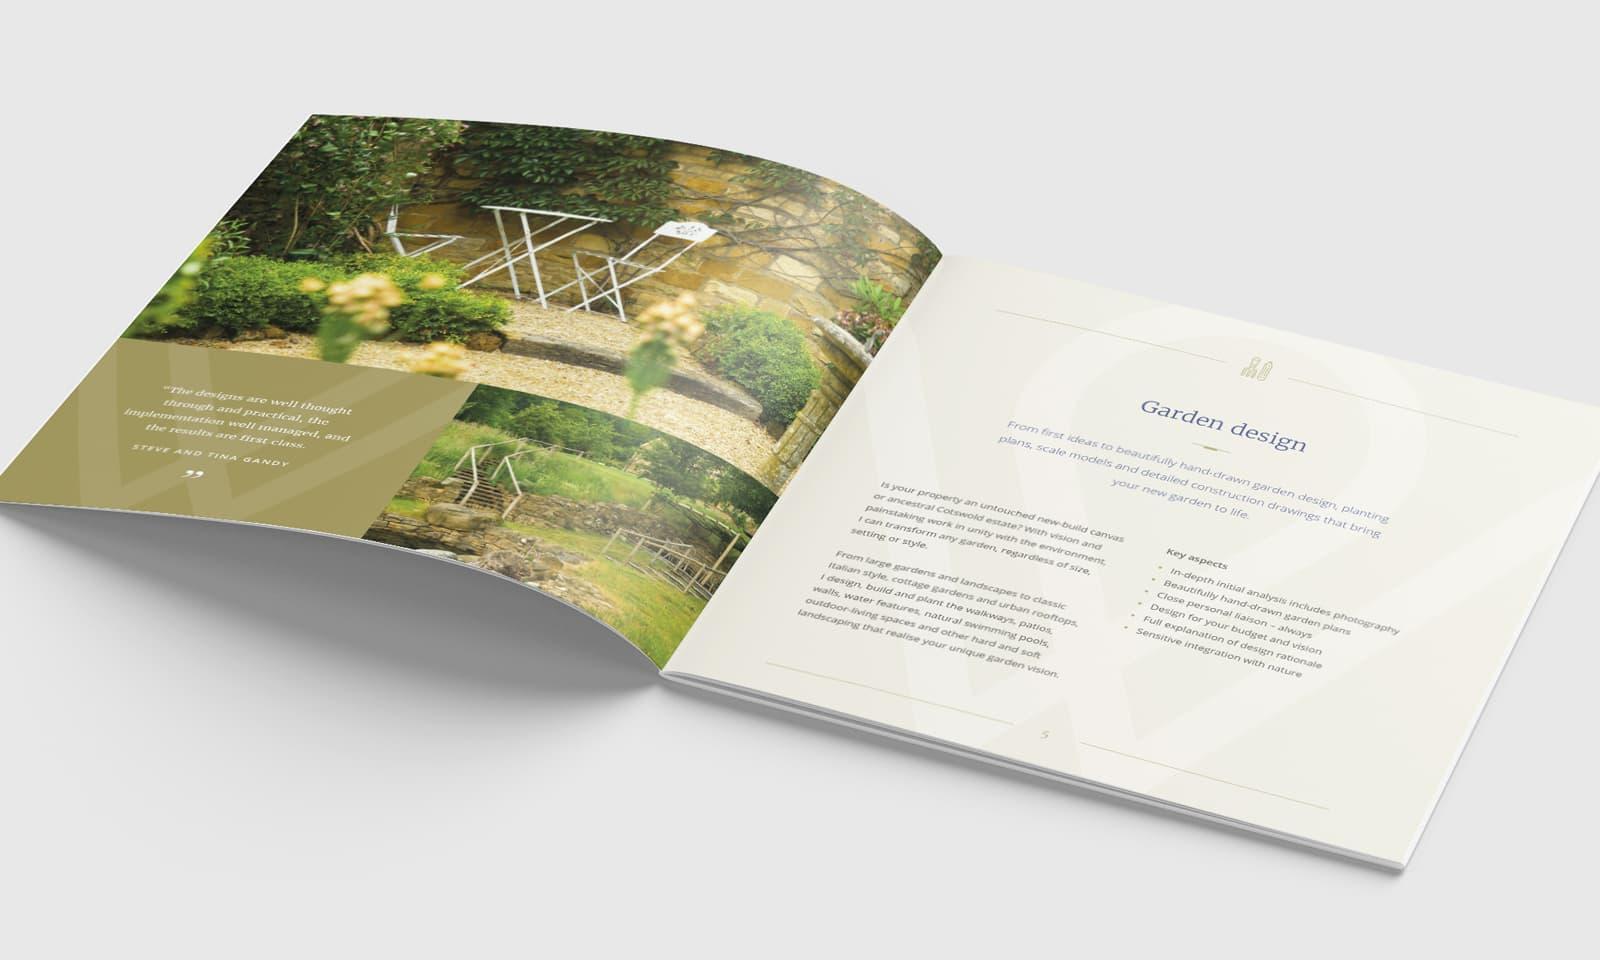 William Curtis Brochure Garden Design